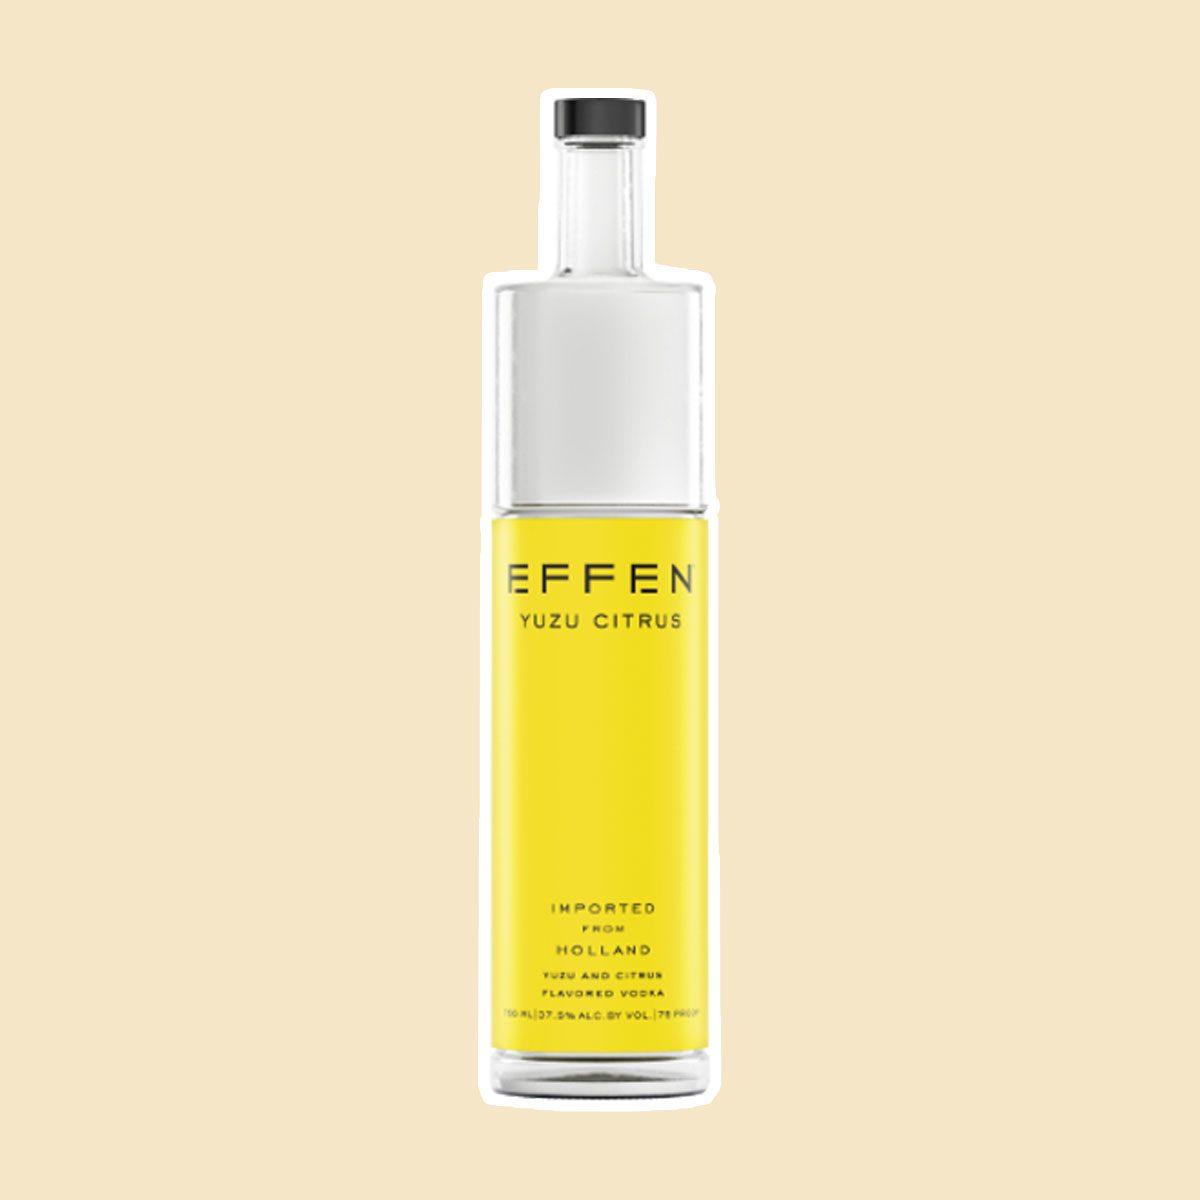 EFFEN Yuzu Citrus Vodka